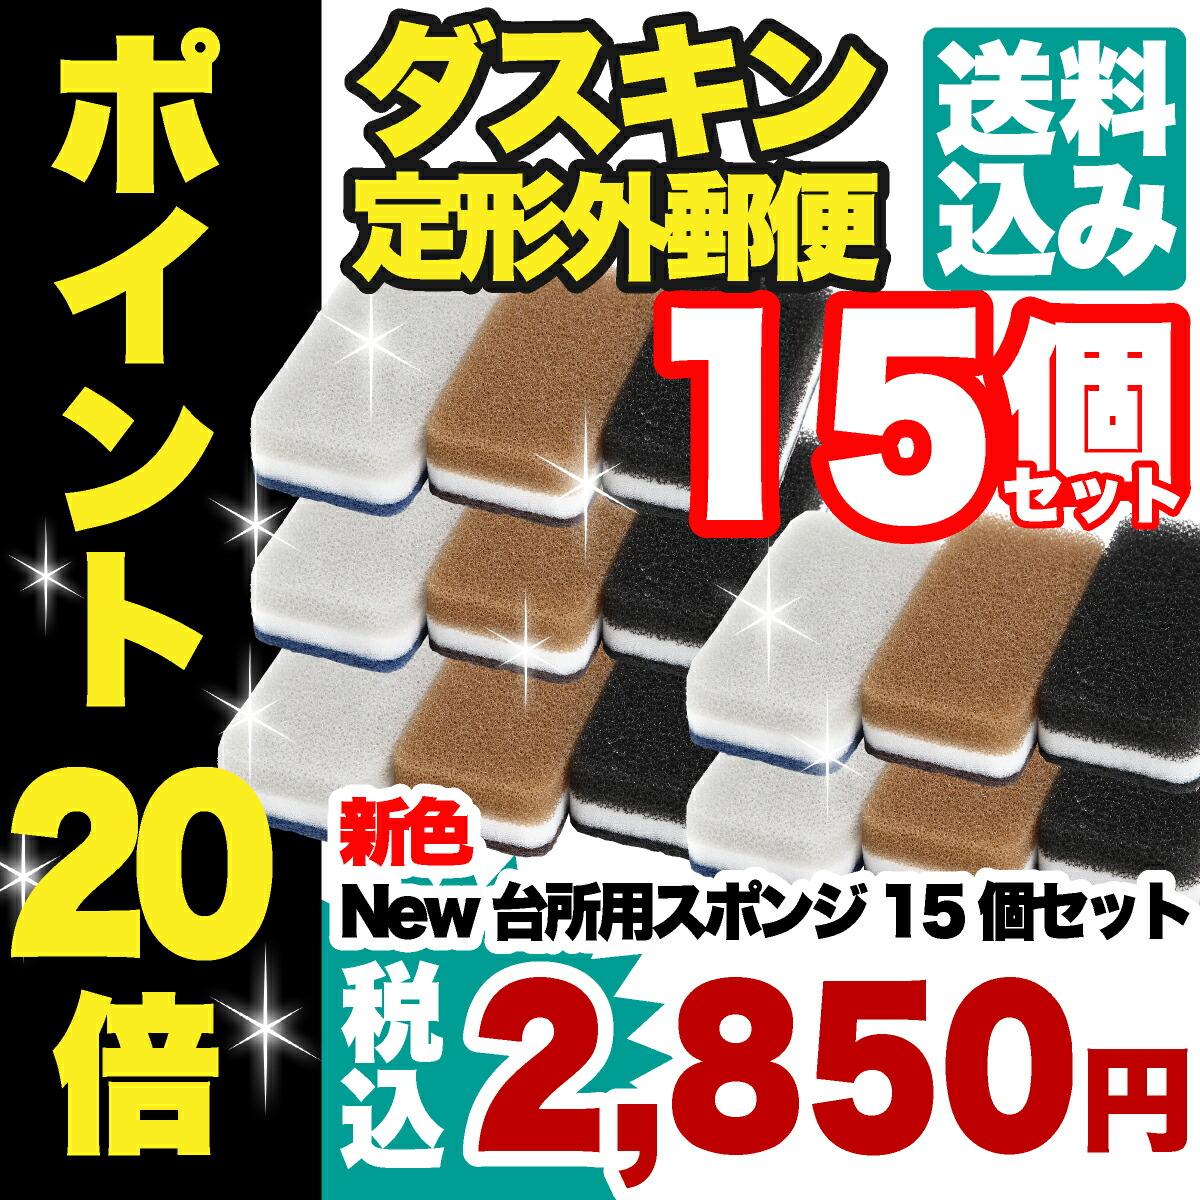 新色モノトーンダスキン台所用3色スポンジ15個セット